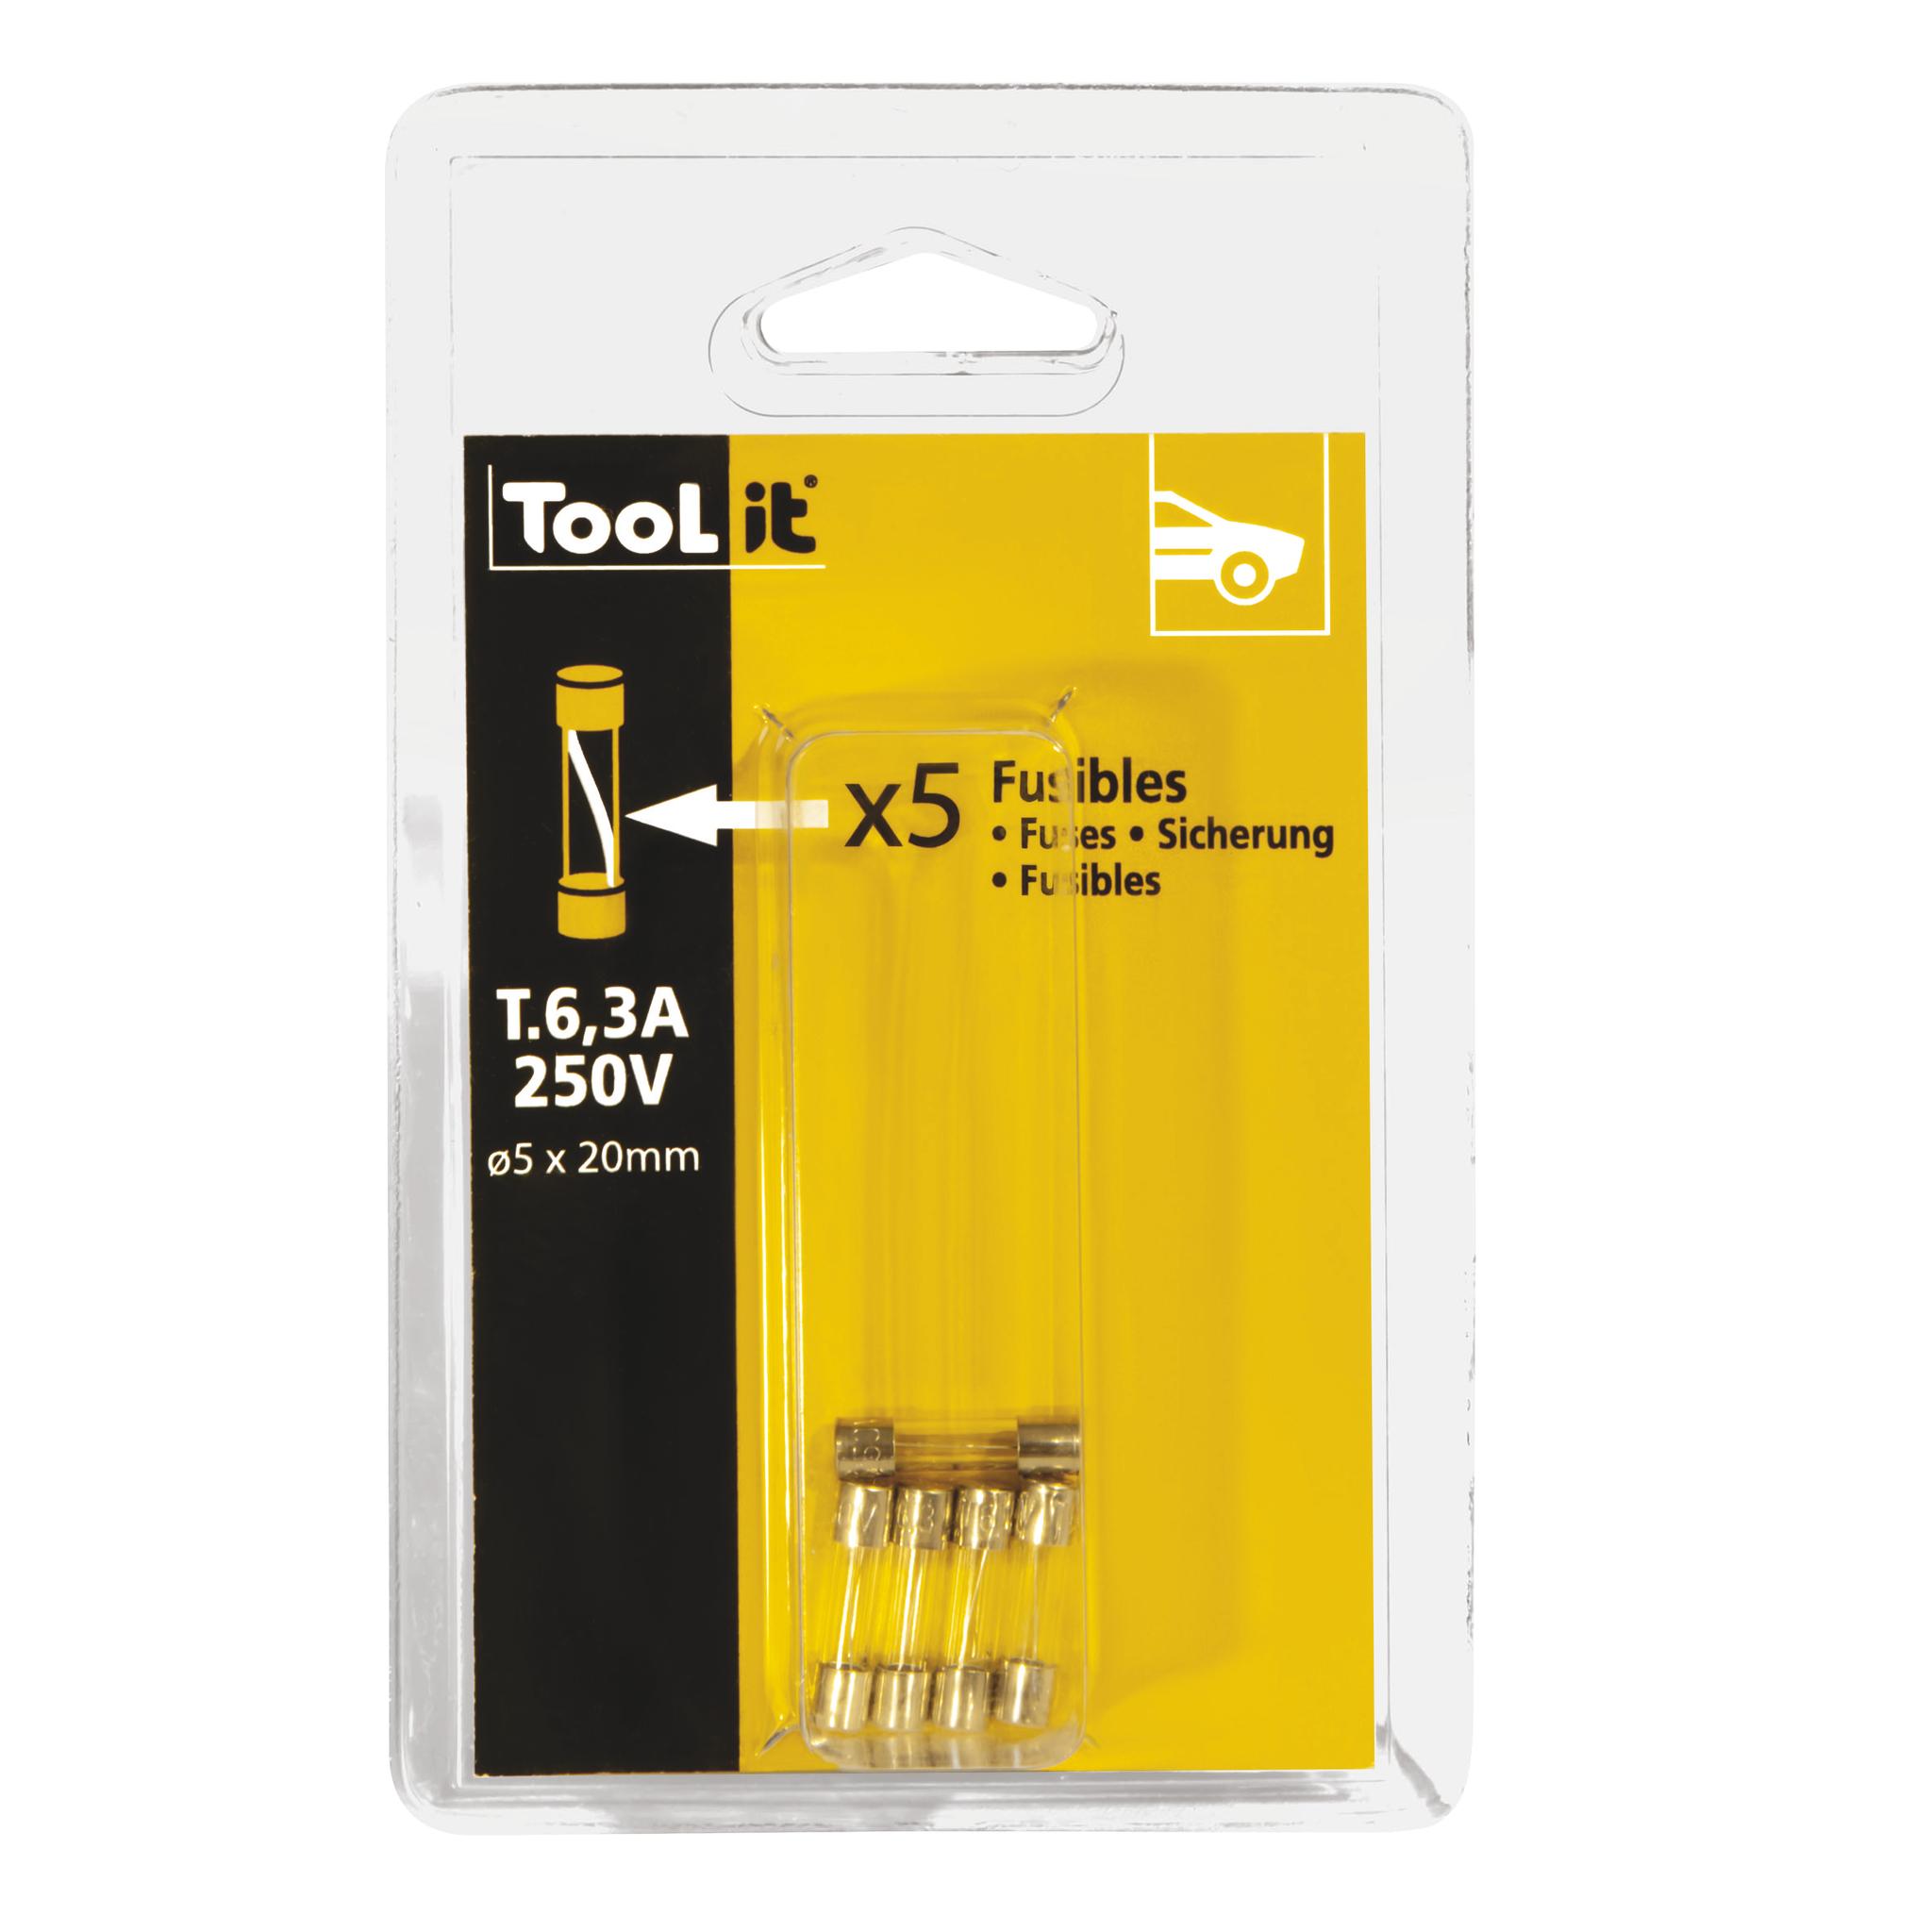 GYS 5 Sicherungen 6,3 A 250 V träger 5 x 20 mm für Batterieladegeräten - Blister 054578